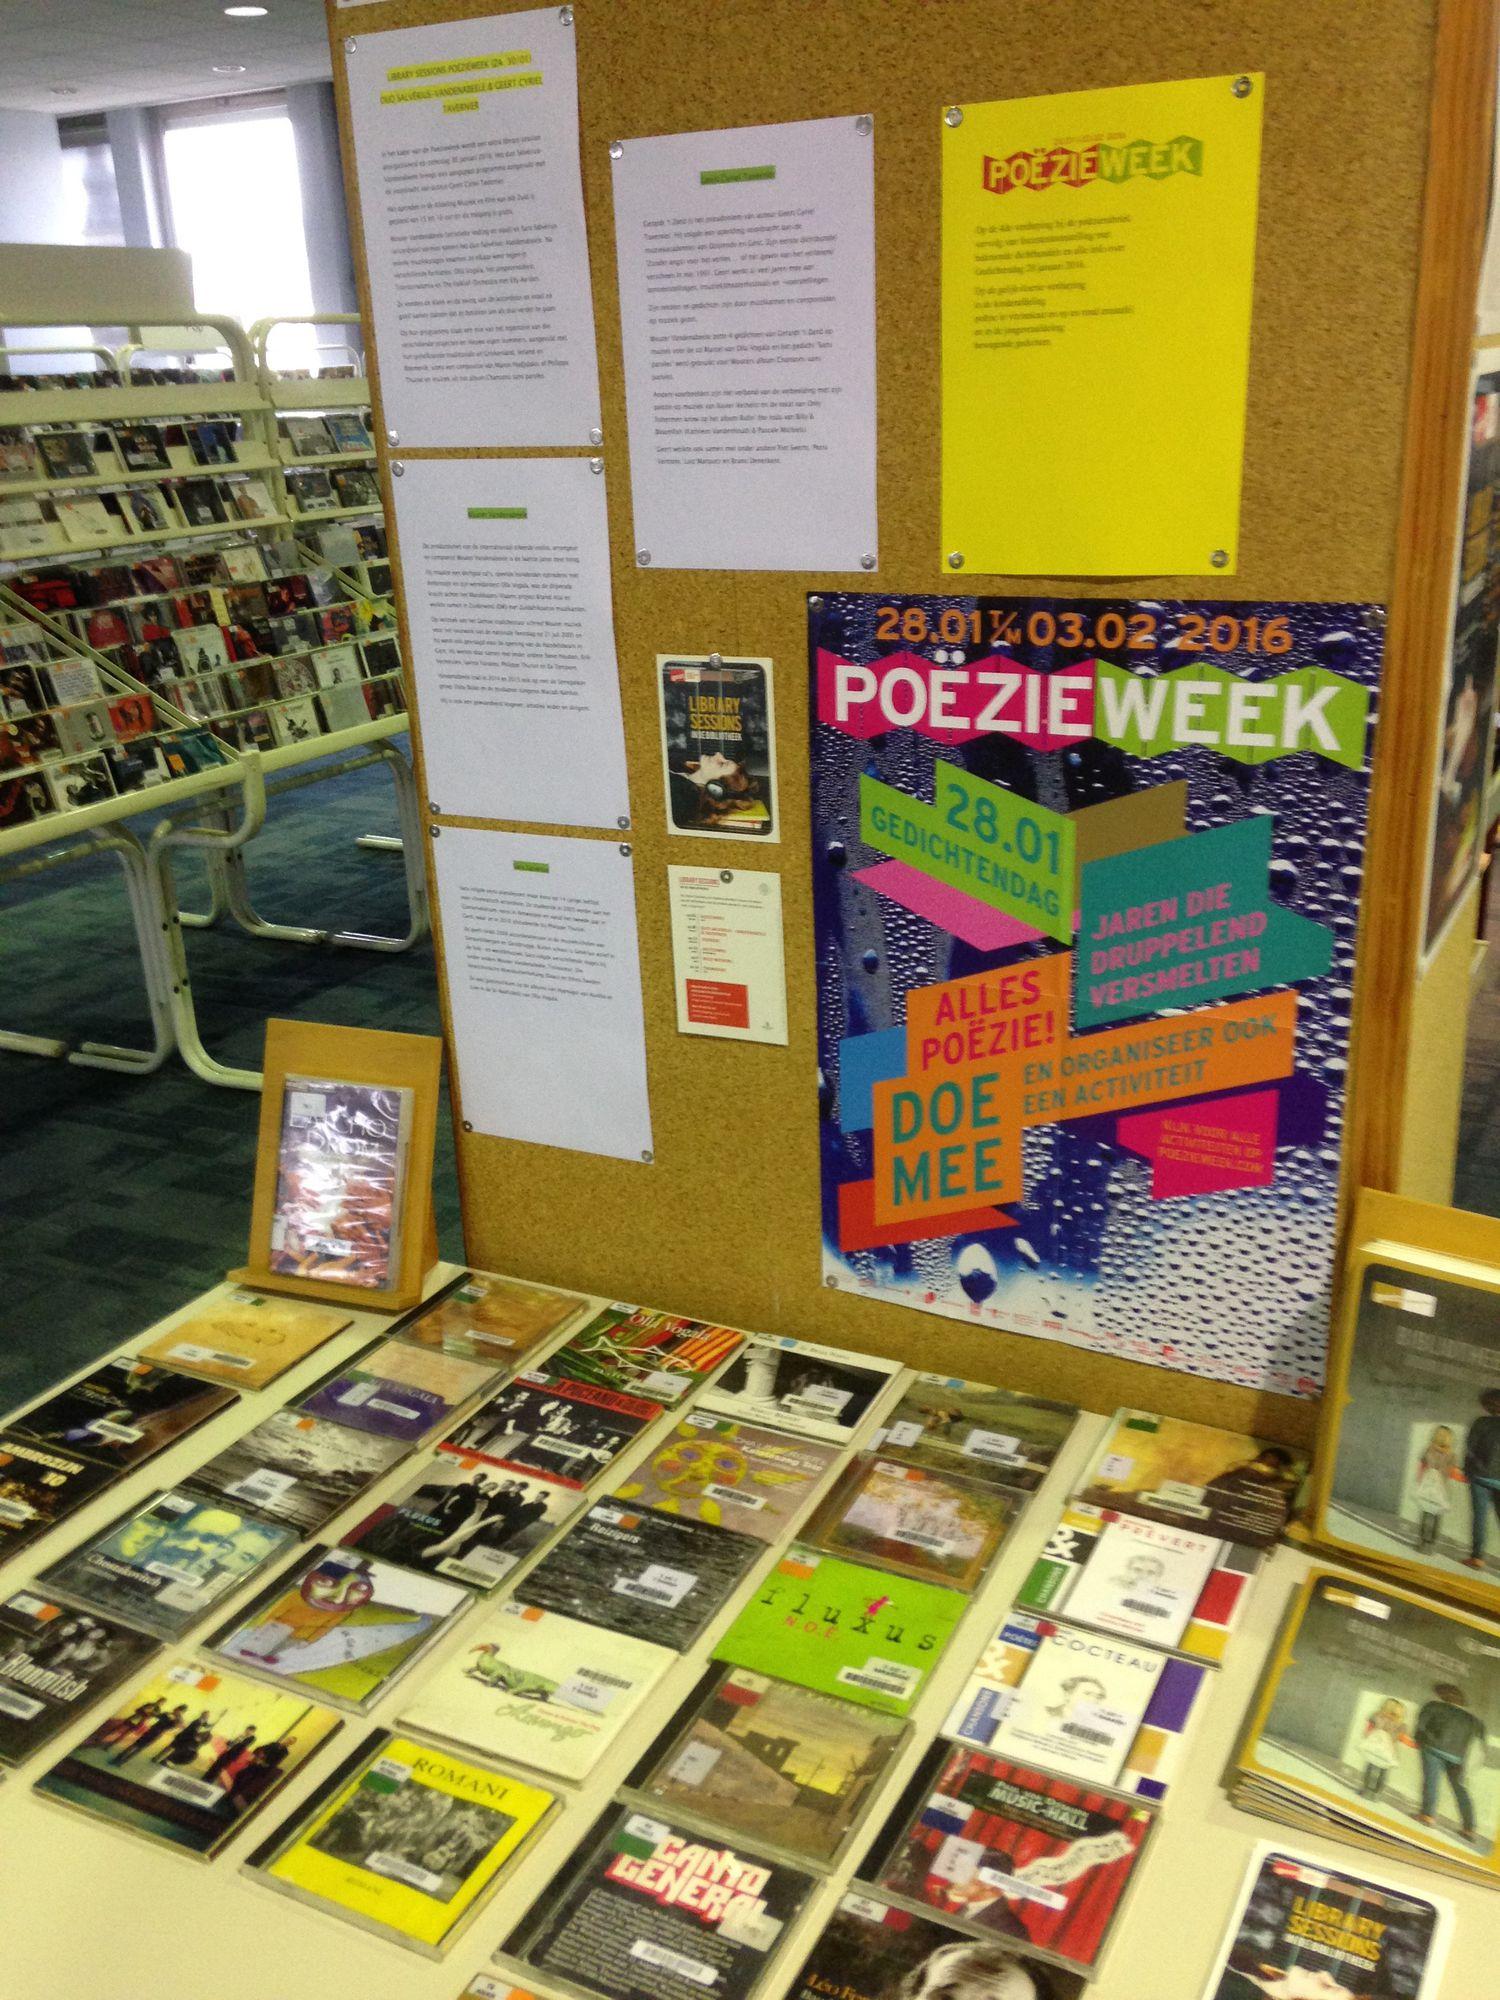 Poëziemaand 2016 in de bibliotheek